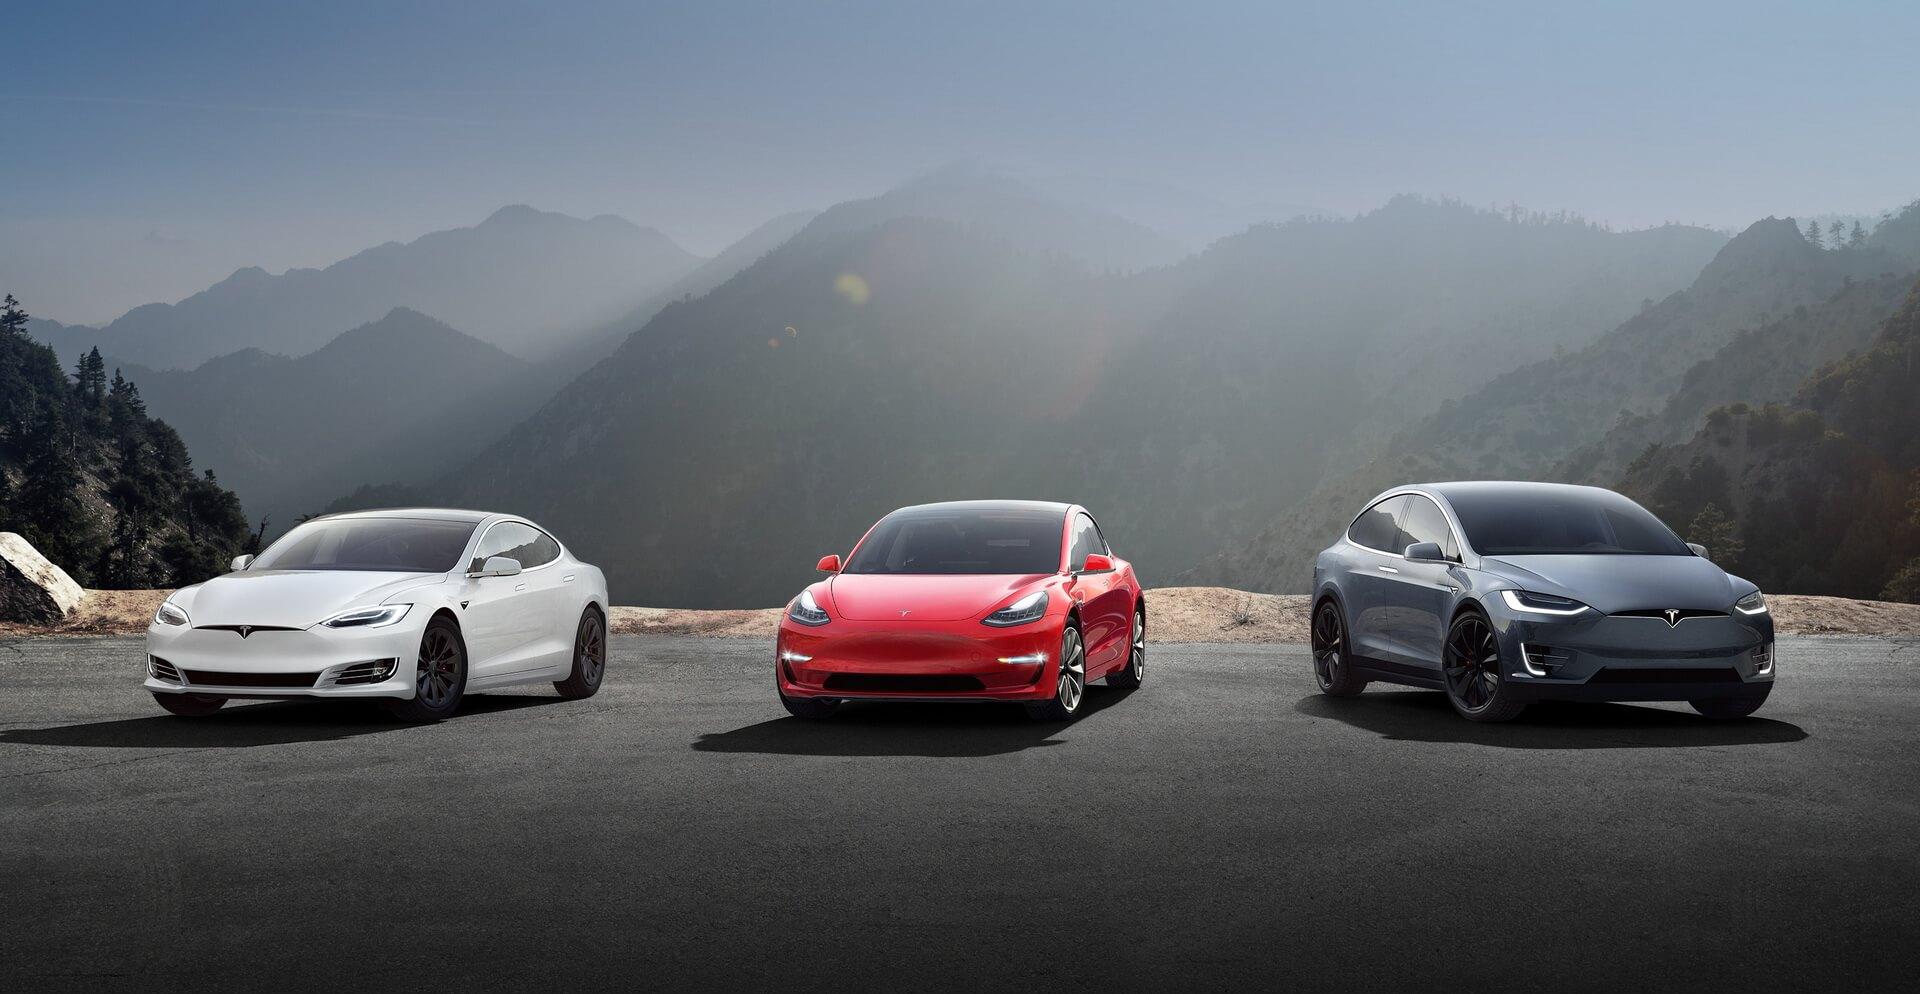 Серийно выпускаемые электромобили Tesla: Model S, Model 3, Model X